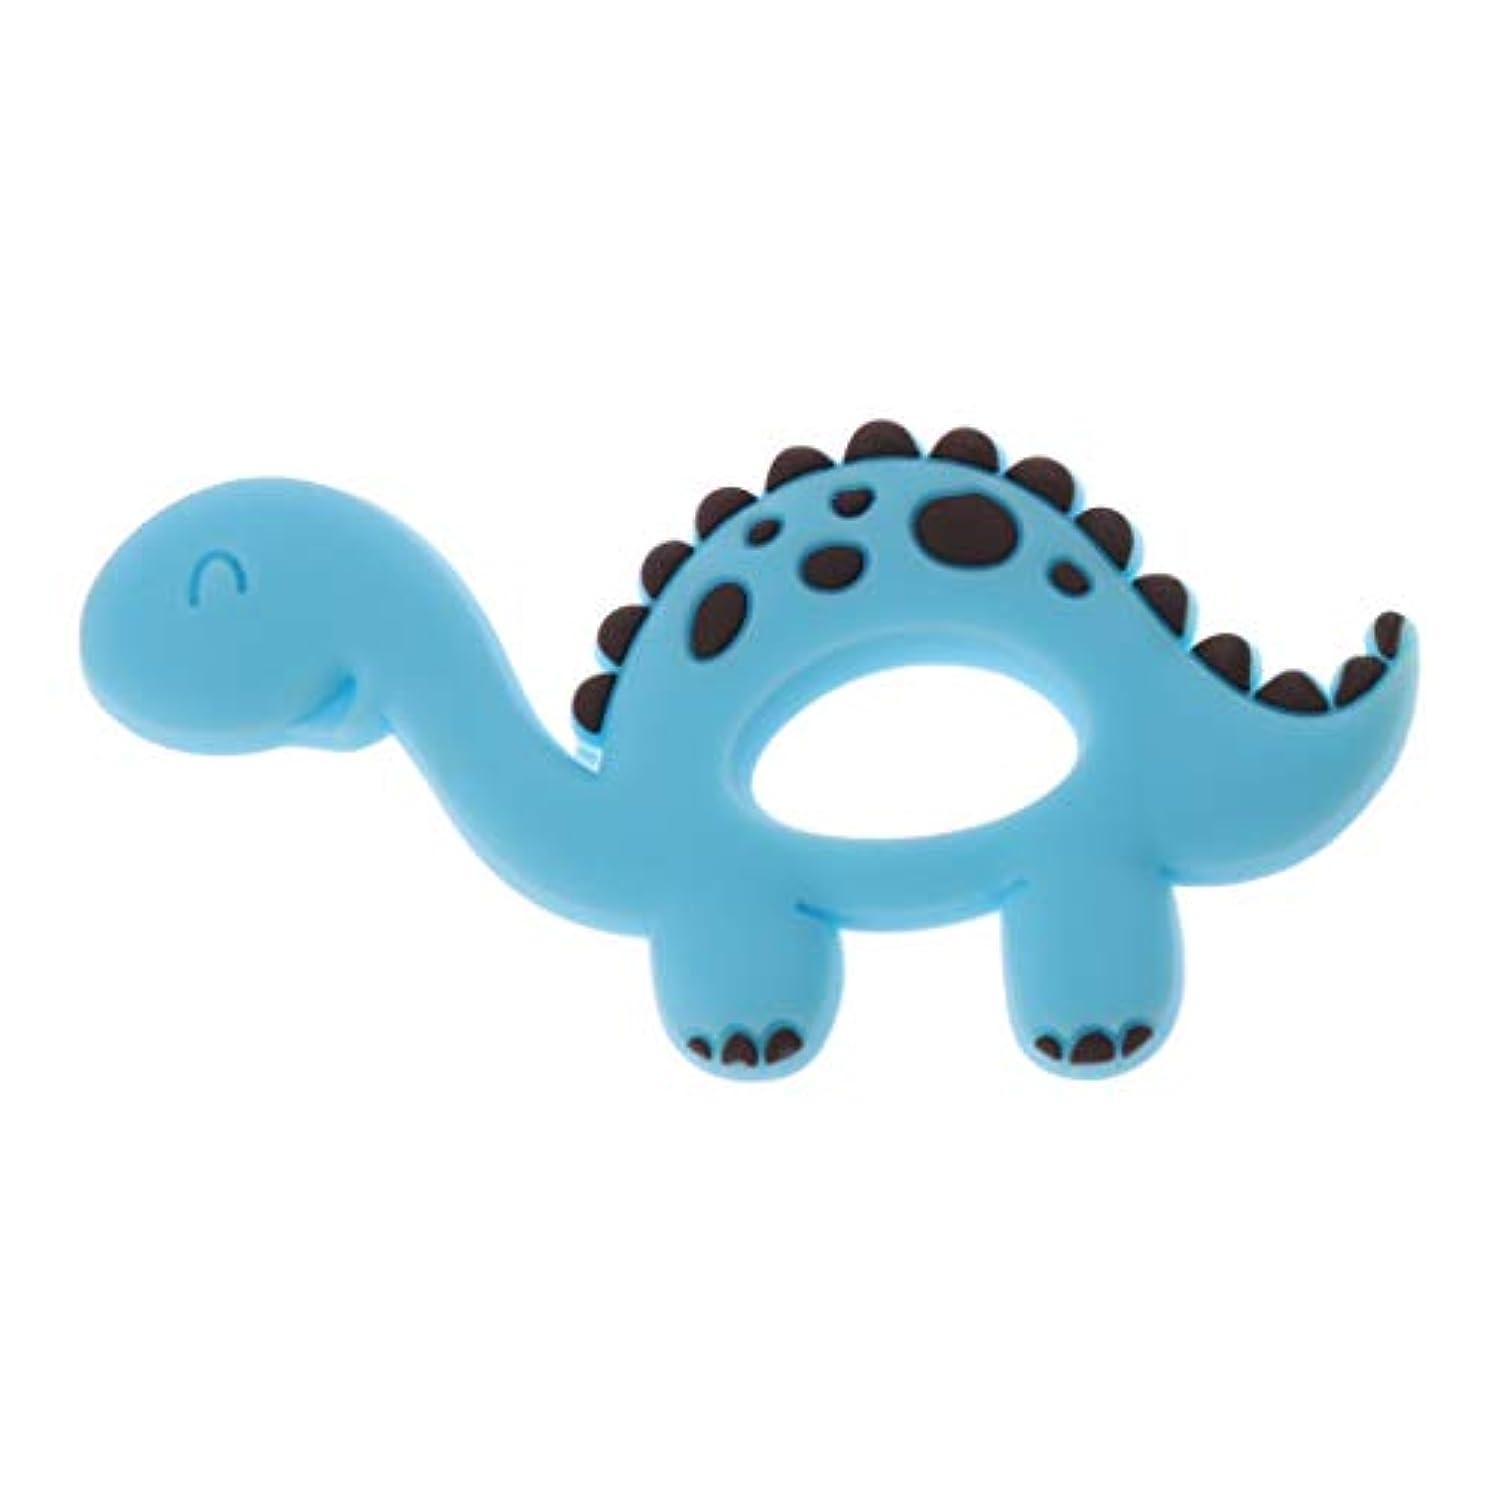 ブランク写真のレンドLanddumシリコーンおしゃぶり恐竜シリコーンおしゃぶり赤ちゃん看護玩具かむ玩具歯を作るガラガラおもちゃ - 青